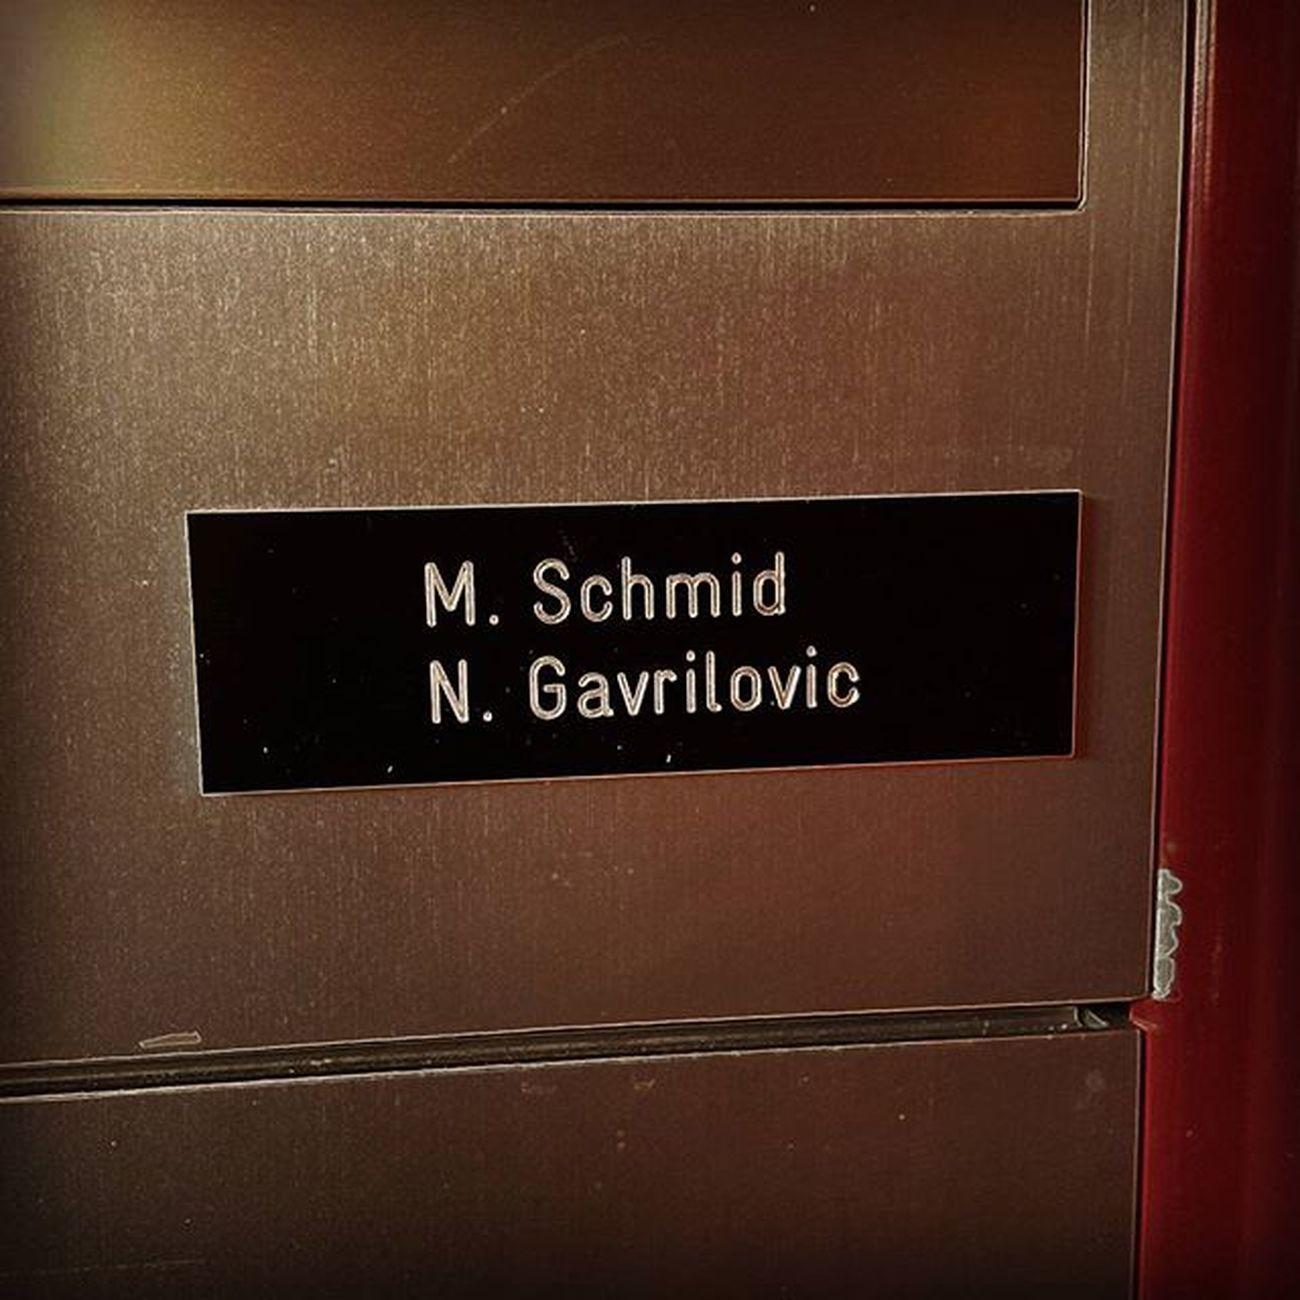 Wg Wohnung Mit EM Brate Schmiidliiii ✌😂🎉🎊🙈